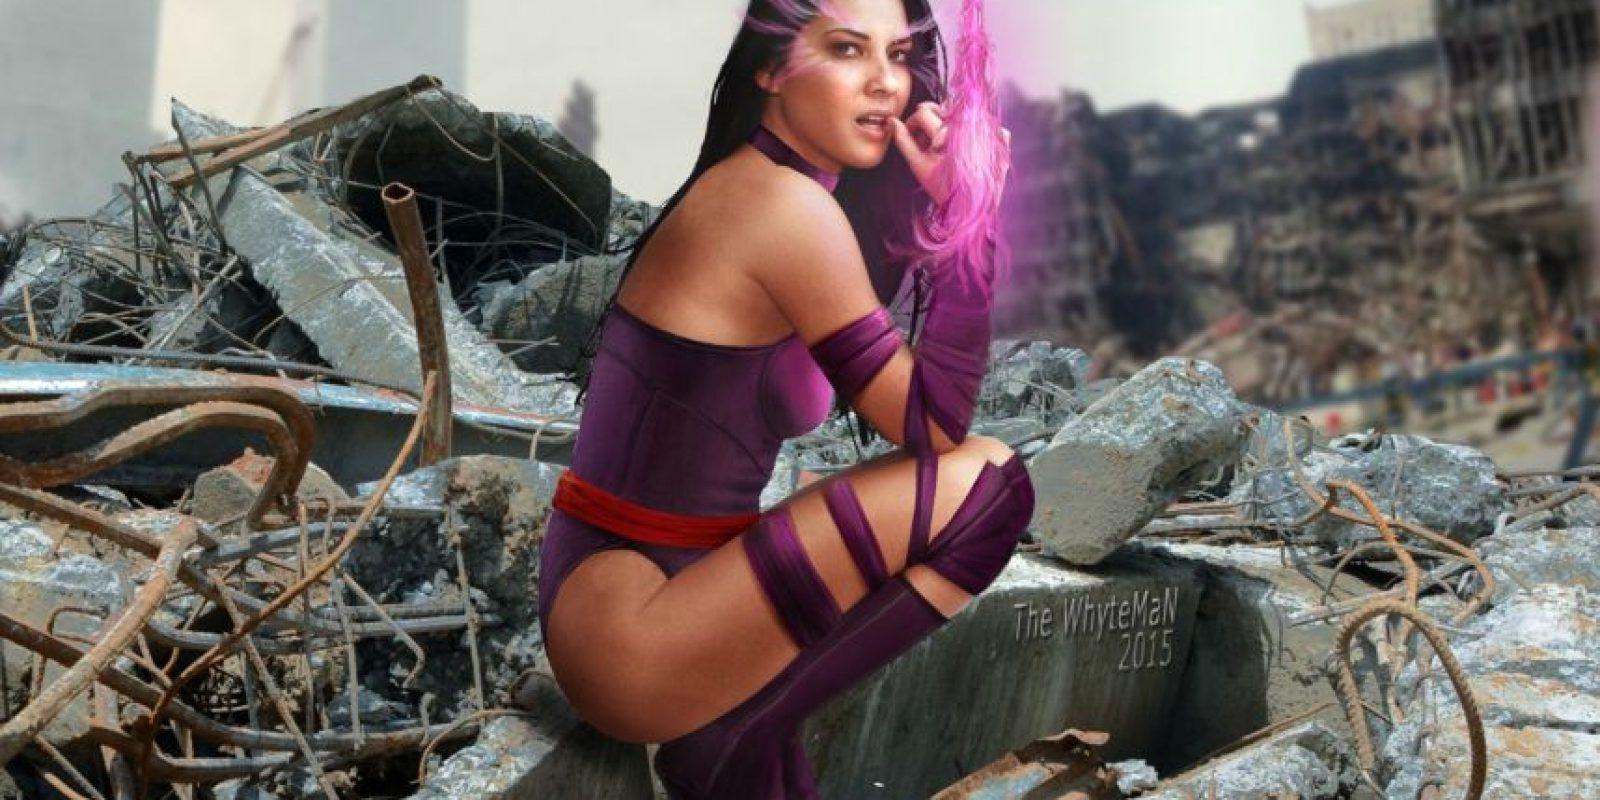 Psylocke (Olivia Munn). Puede leer mentes y proyectar sus pensamientos en la mente de otros. Generalmente los poderes de Psylocke se manifiestan en la forma de una mariposa color violeta sobre sus ojos.